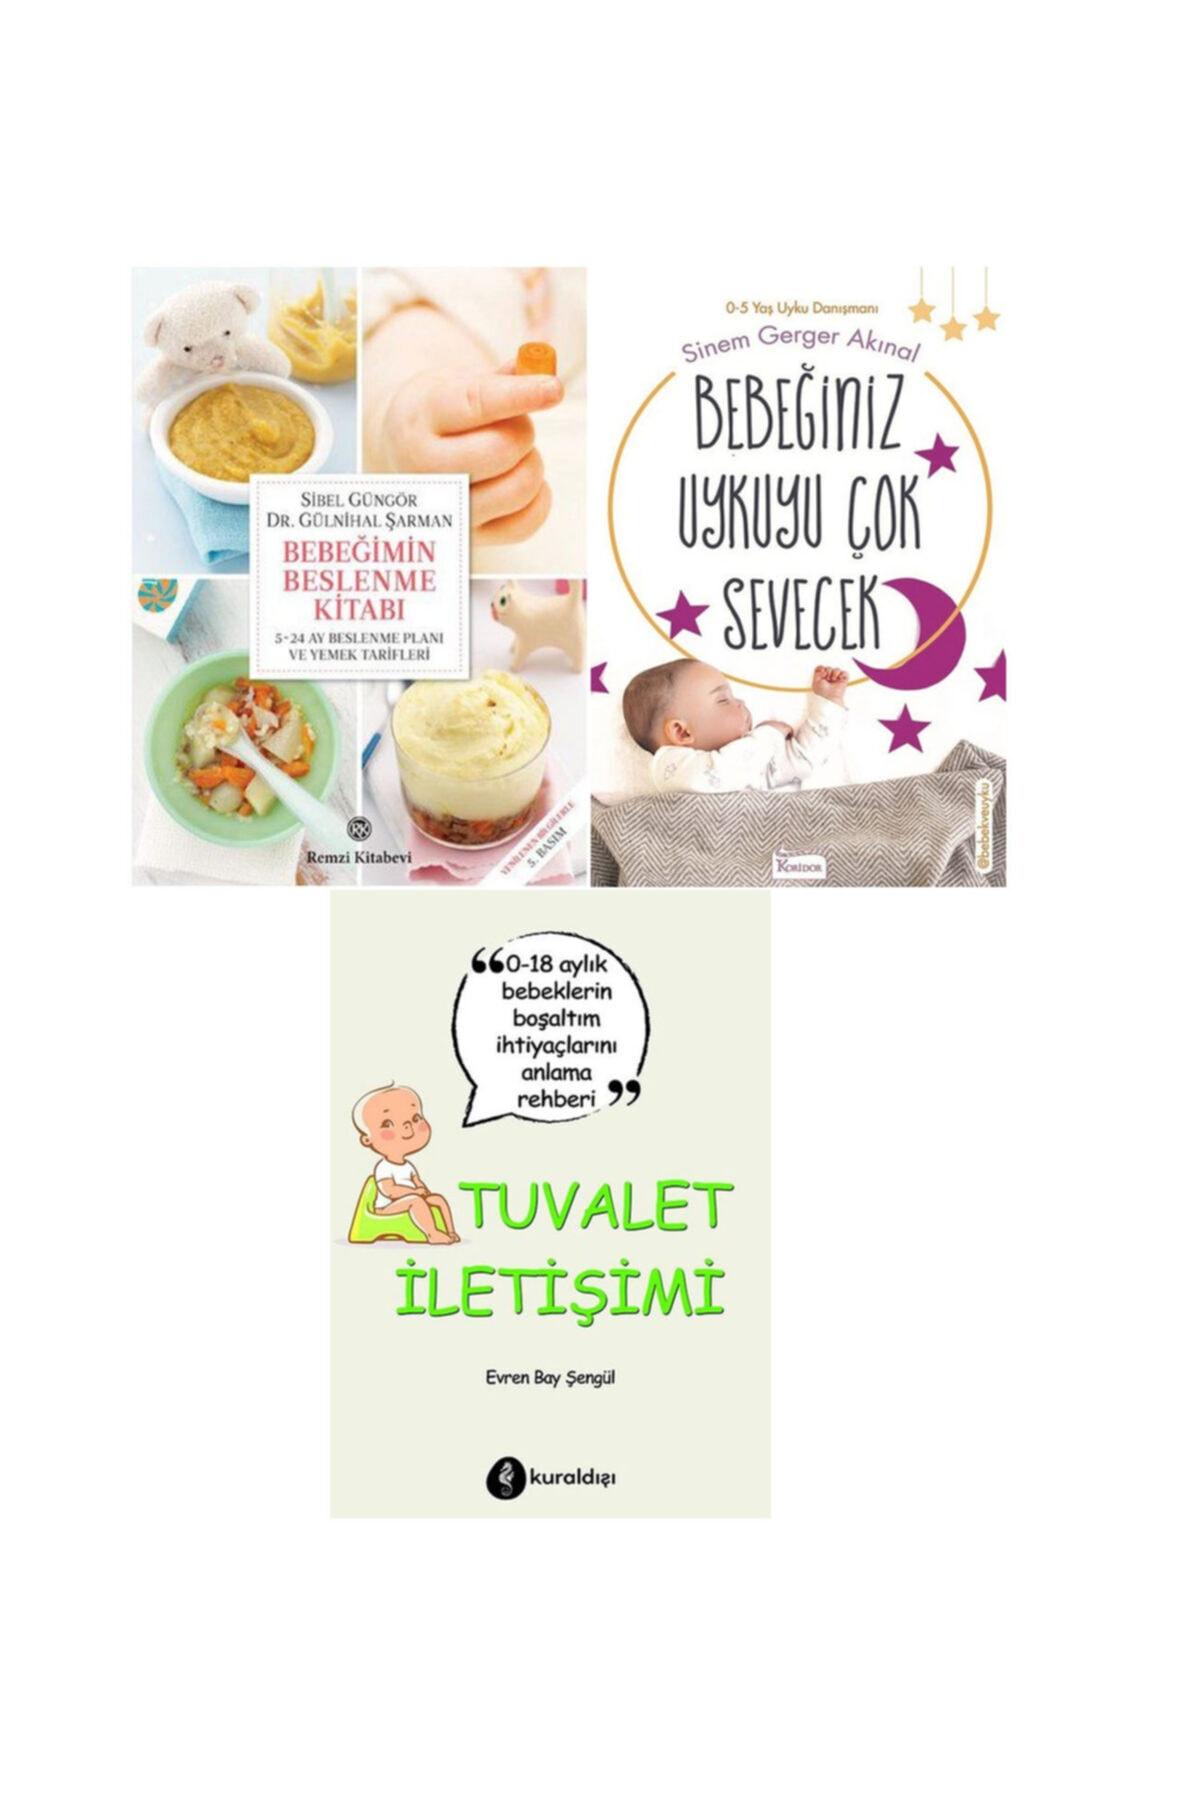 peta kitap Bebek Eğitim Seti ( Bebeğimin Beslenme Kitabı - Bebeğiniz Uykuyu Çok Sevecek - Tuvalet Iletişimi ) 2